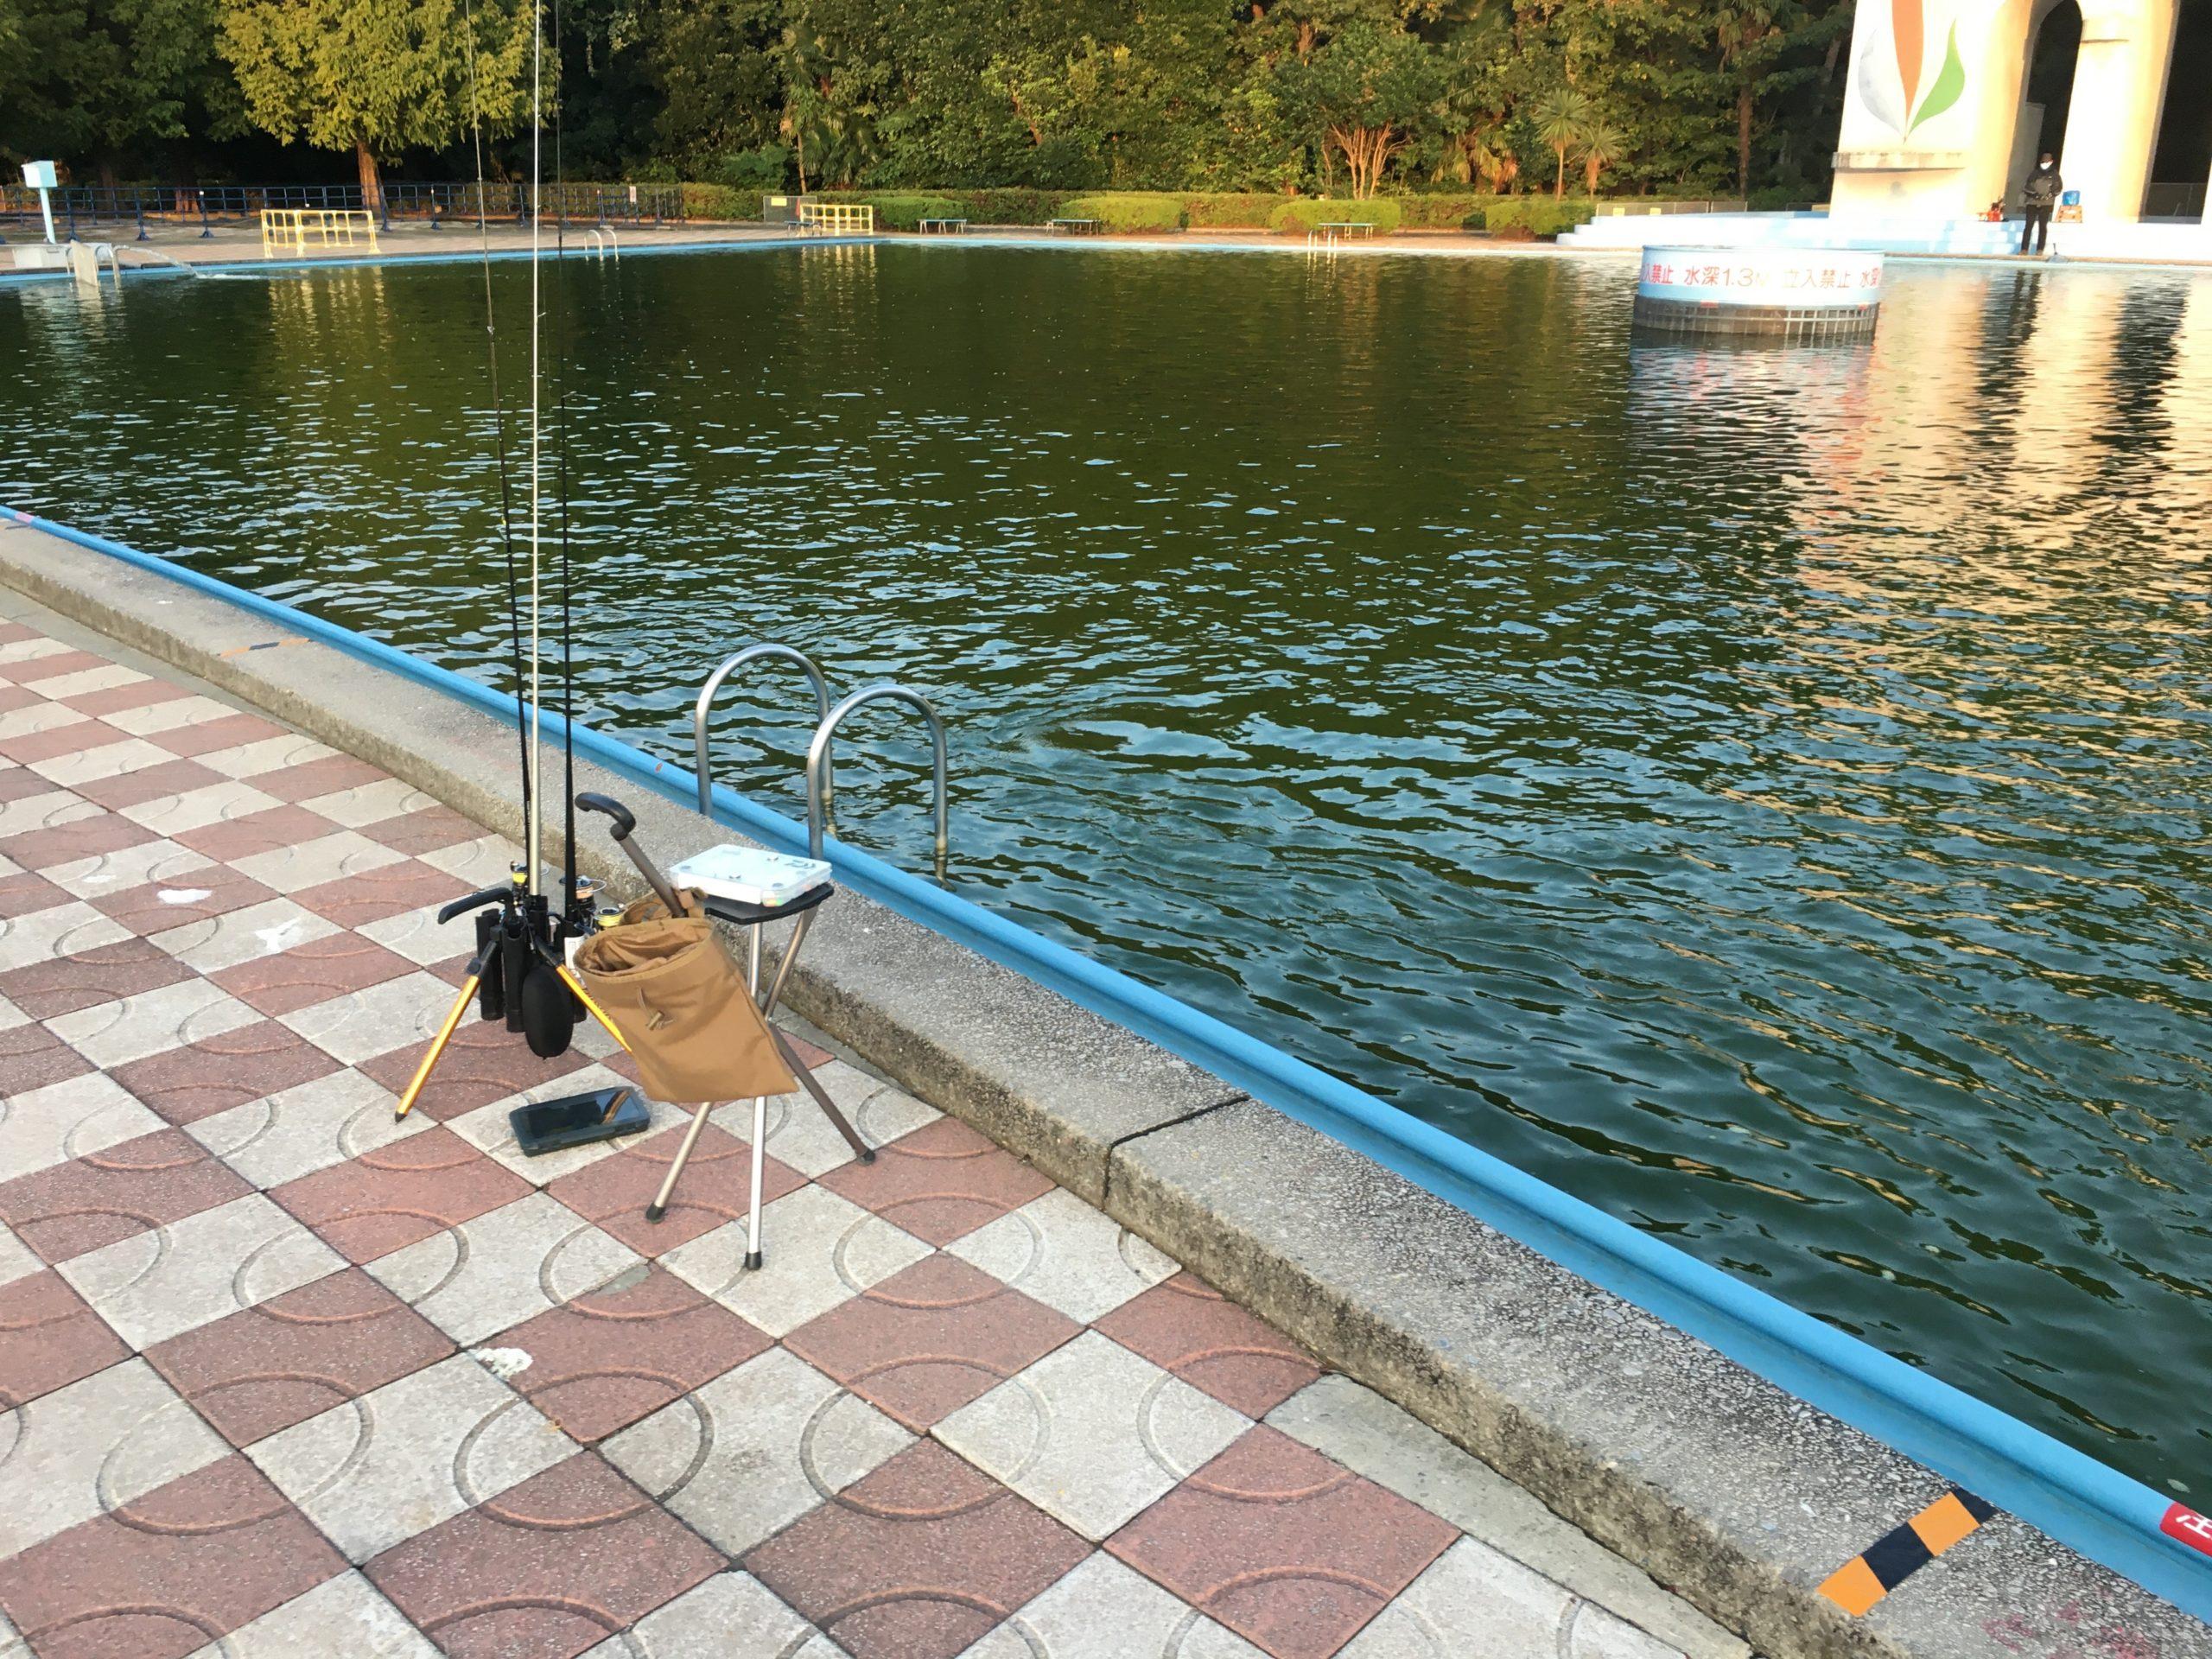 さいたま水上公園 釣果 フェザー レギュレーション 大物 色物 料金 サービスデー プールフィッシング さいたま 川越水上公園 縦釣り バベルエース ネオスタイル